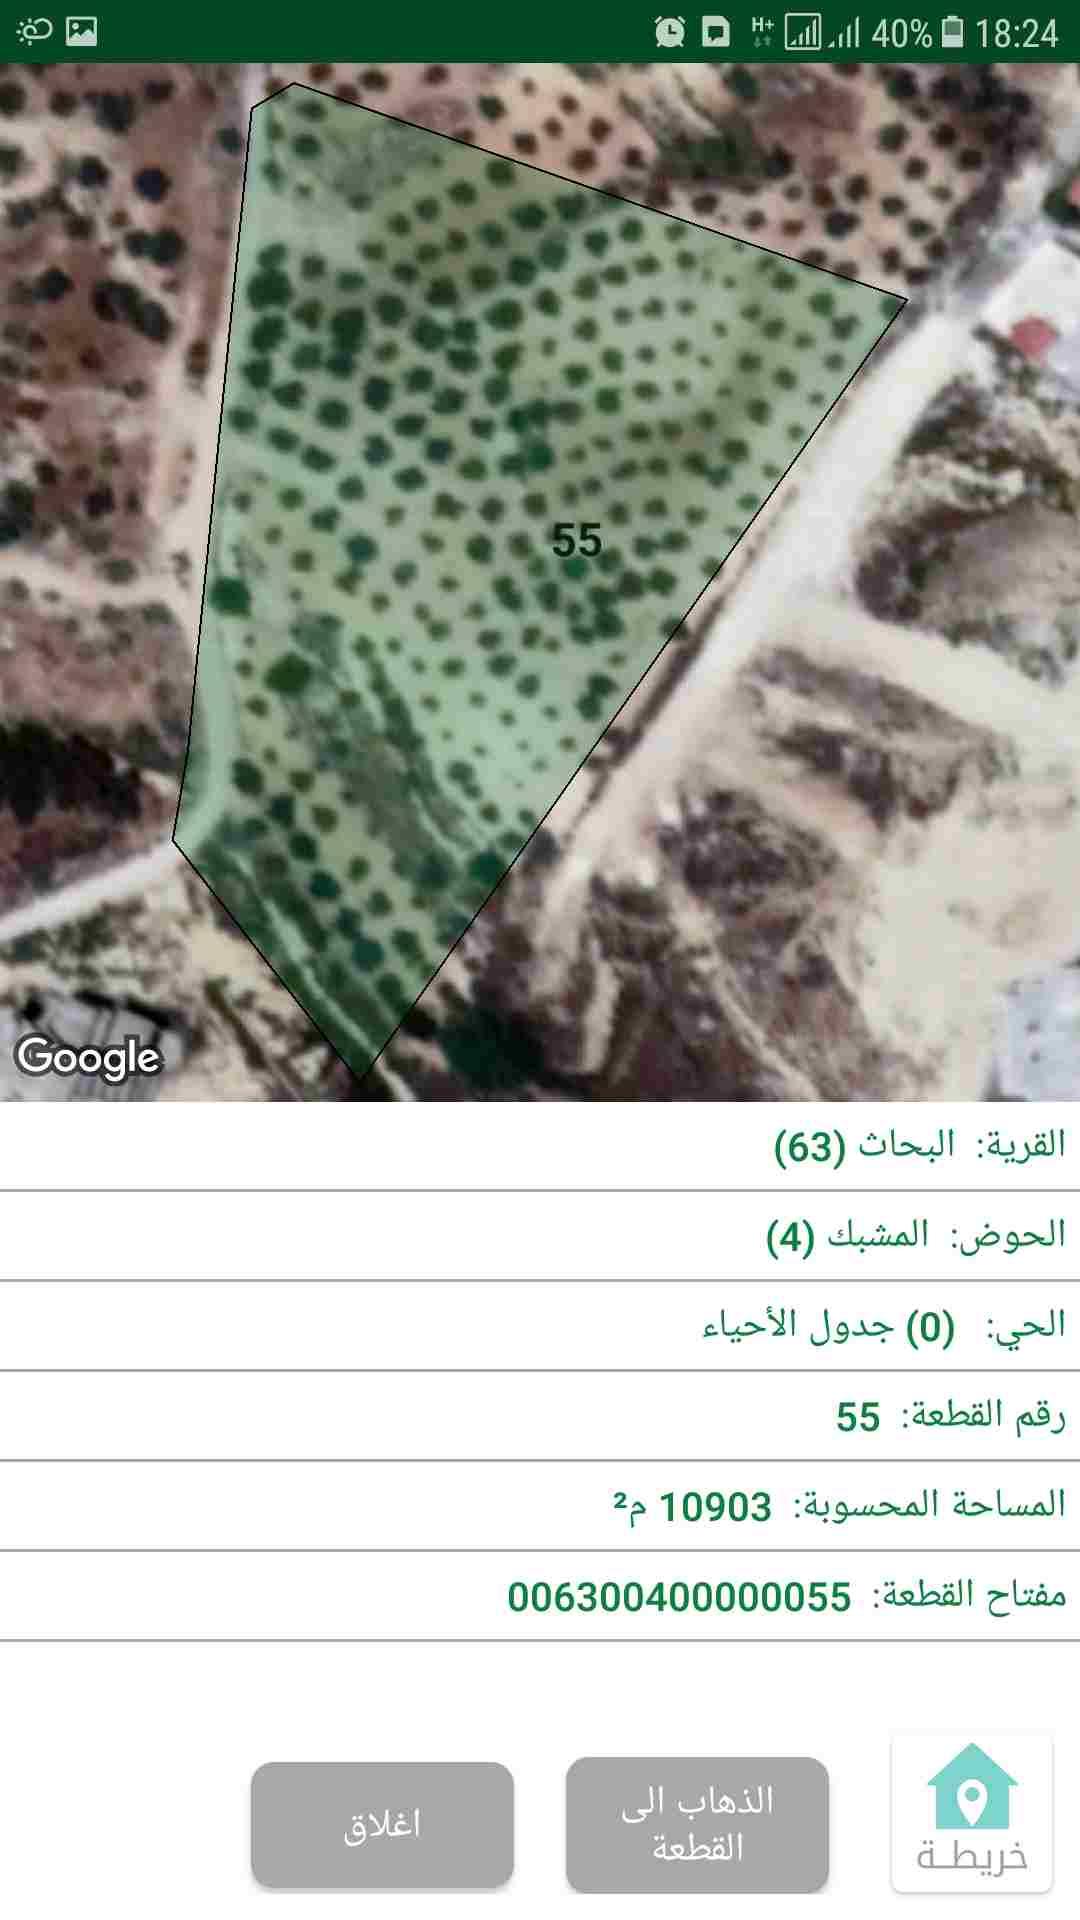 اراضي في اجمل مناطق عمان ٠٧٩٨٩٦٩٠٣٧